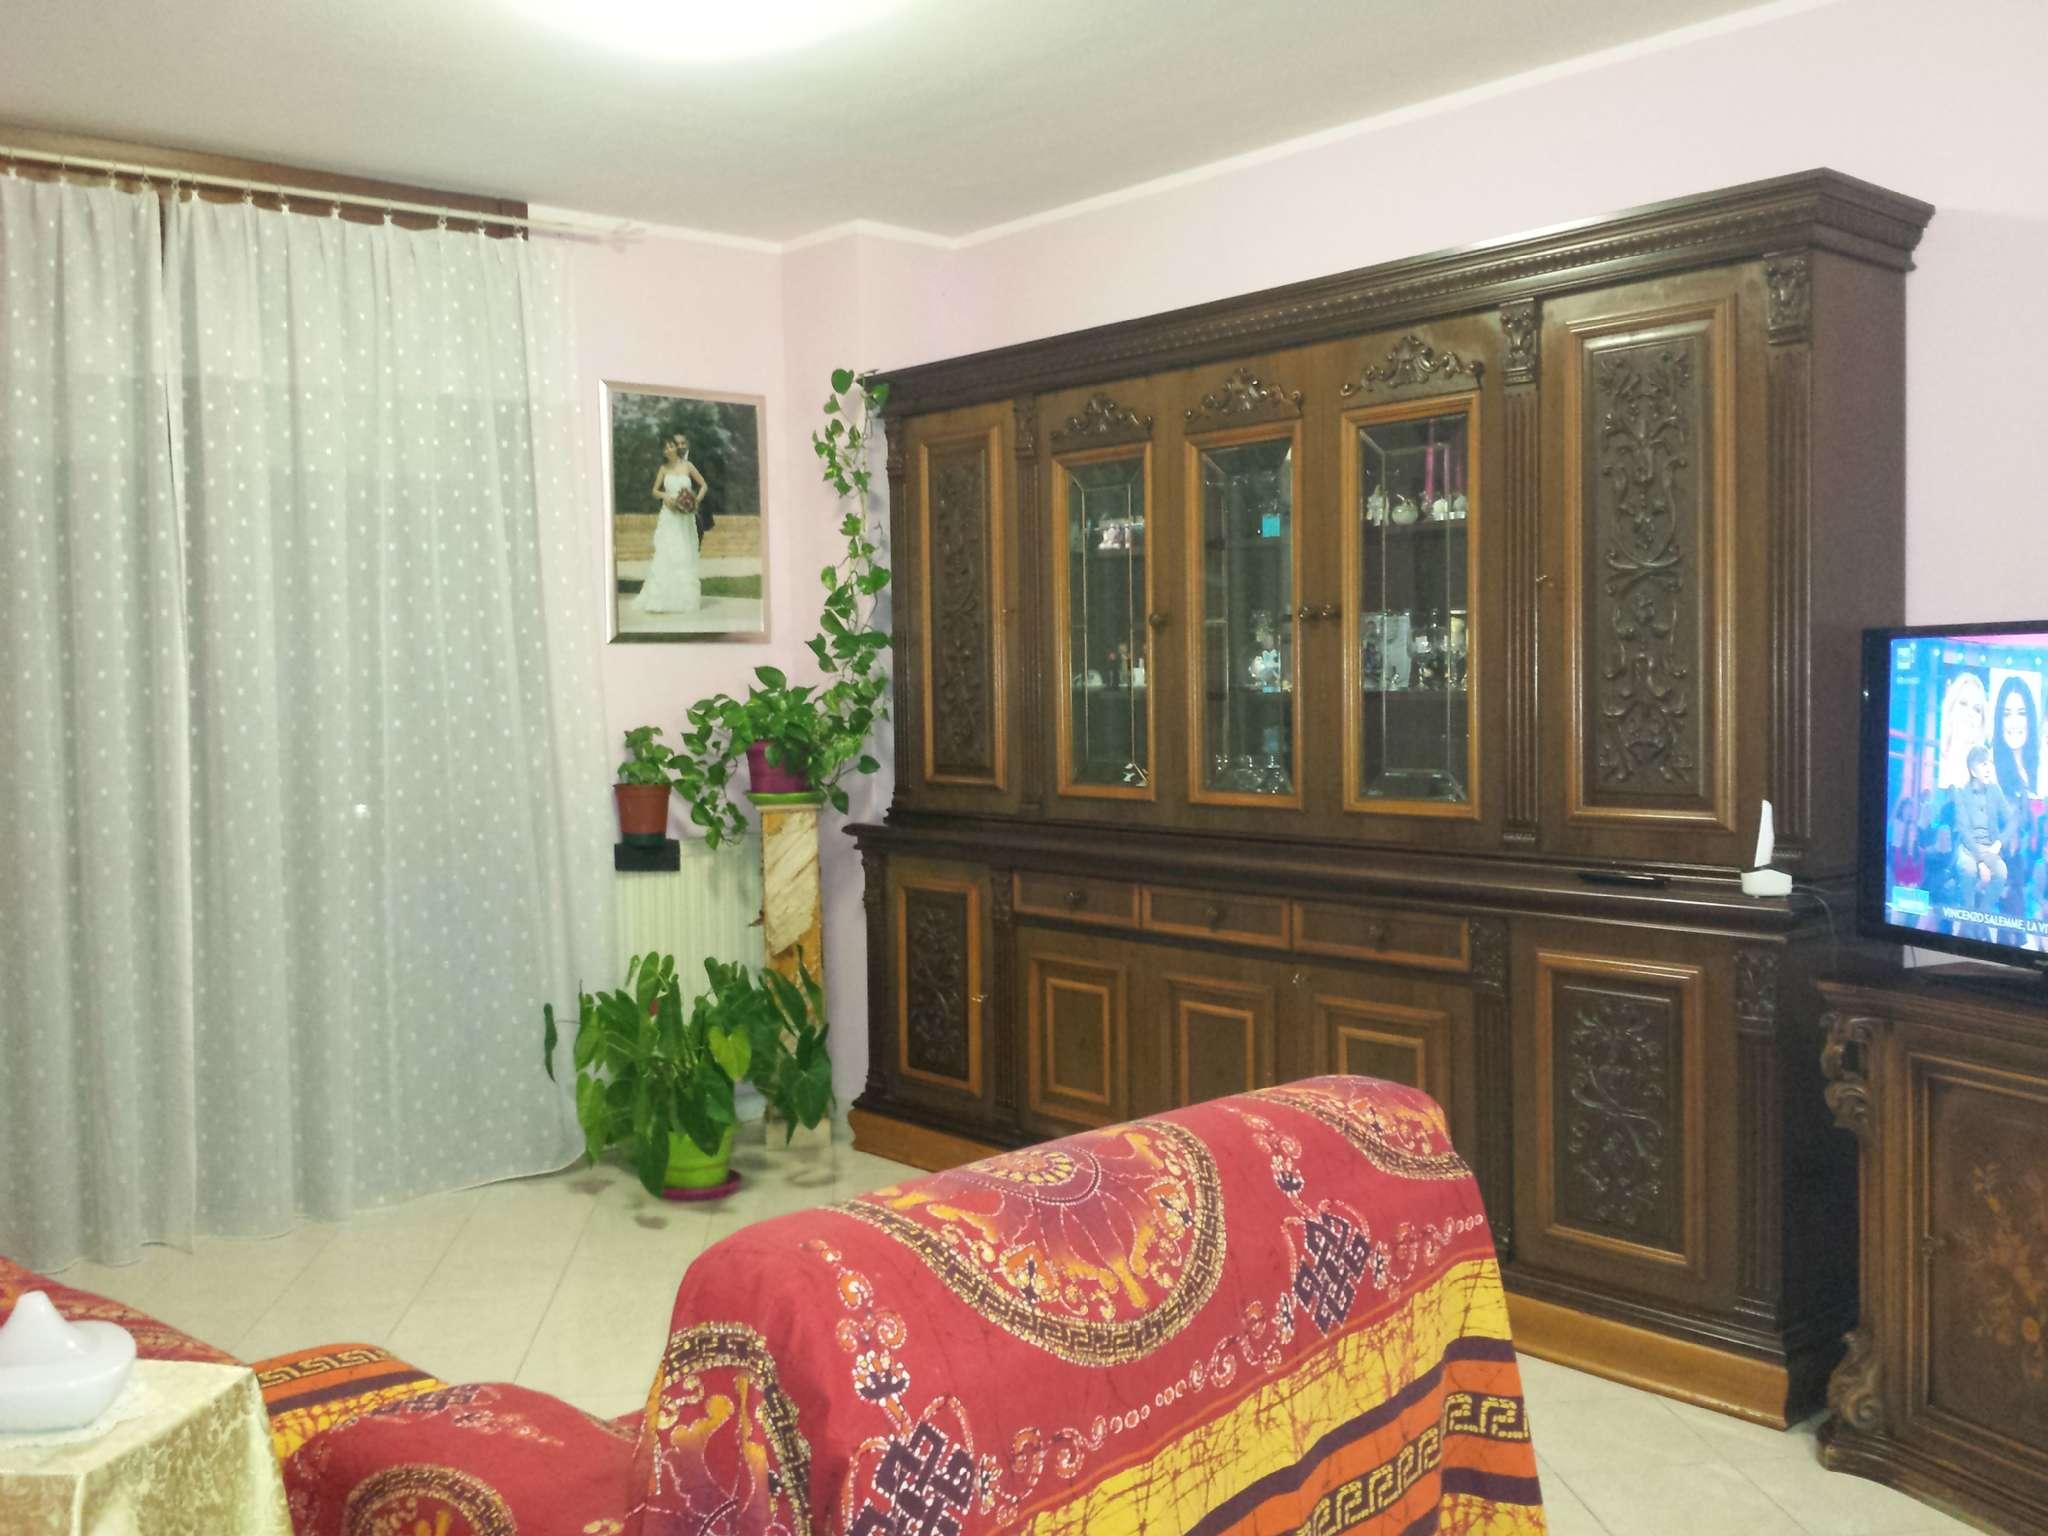 Vendita case e appartamenti a venaria reale for Appartamento venaria